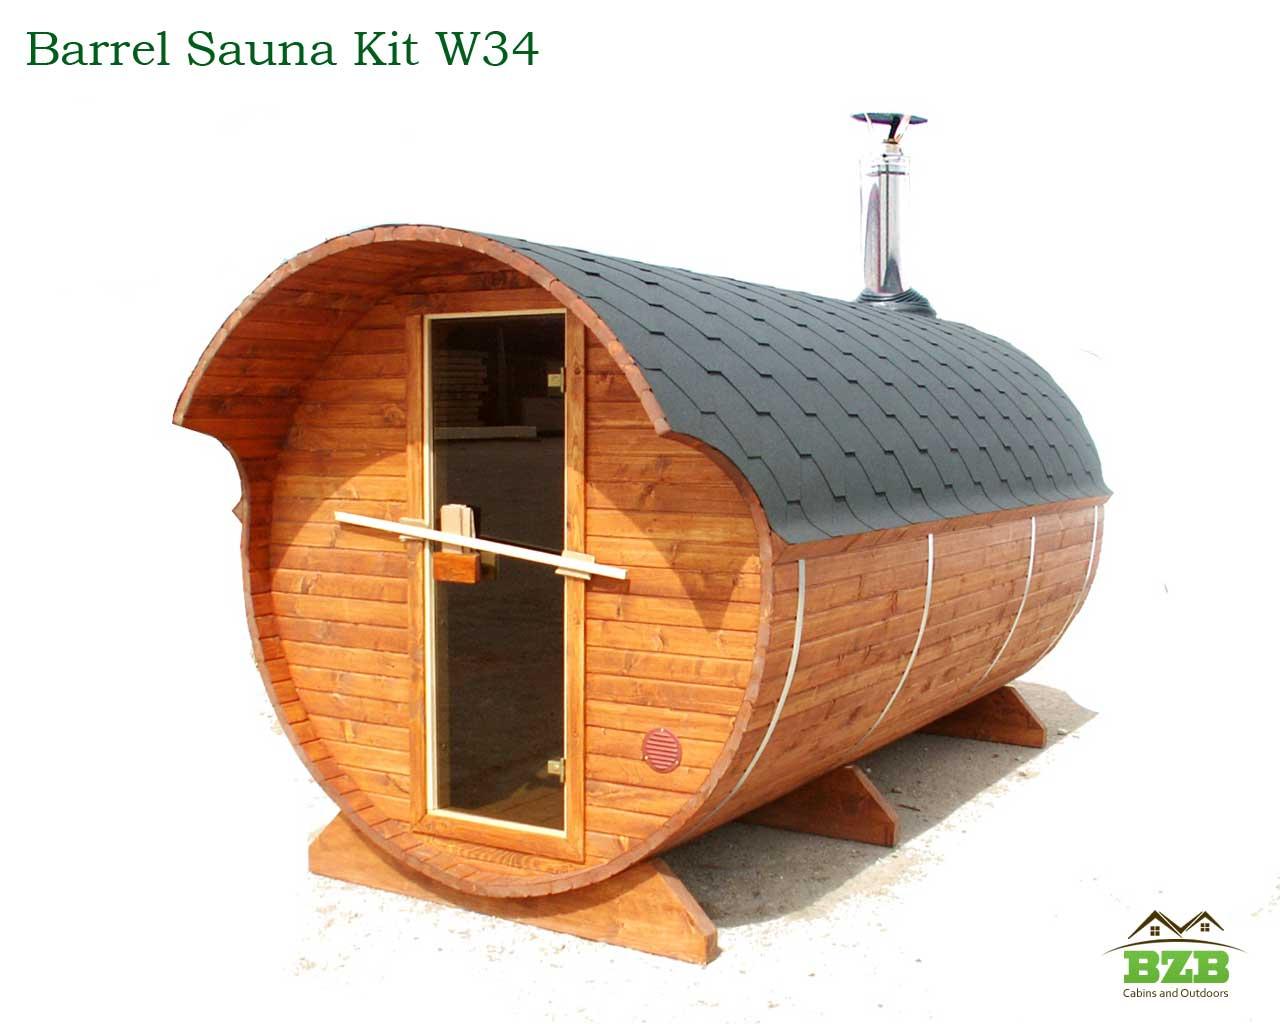 Barrel Sauna Kit W34 2 Rooms Bzb Cabins